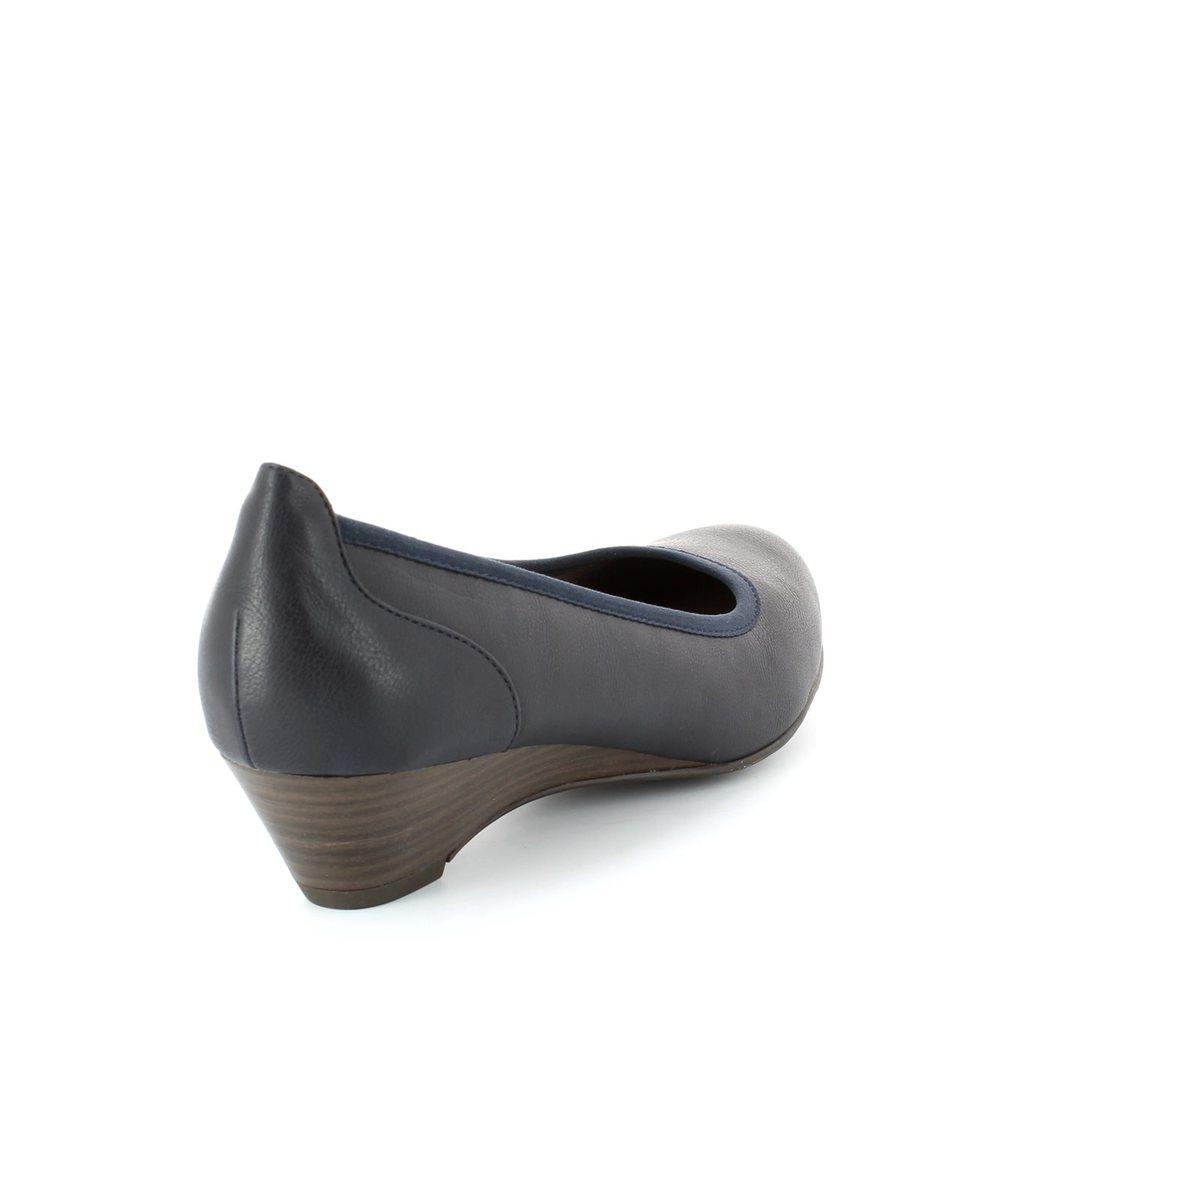 tamaris 22304 805 navy heeled shoes. Black Bedroom Furniture Sets. Home Design Ideas